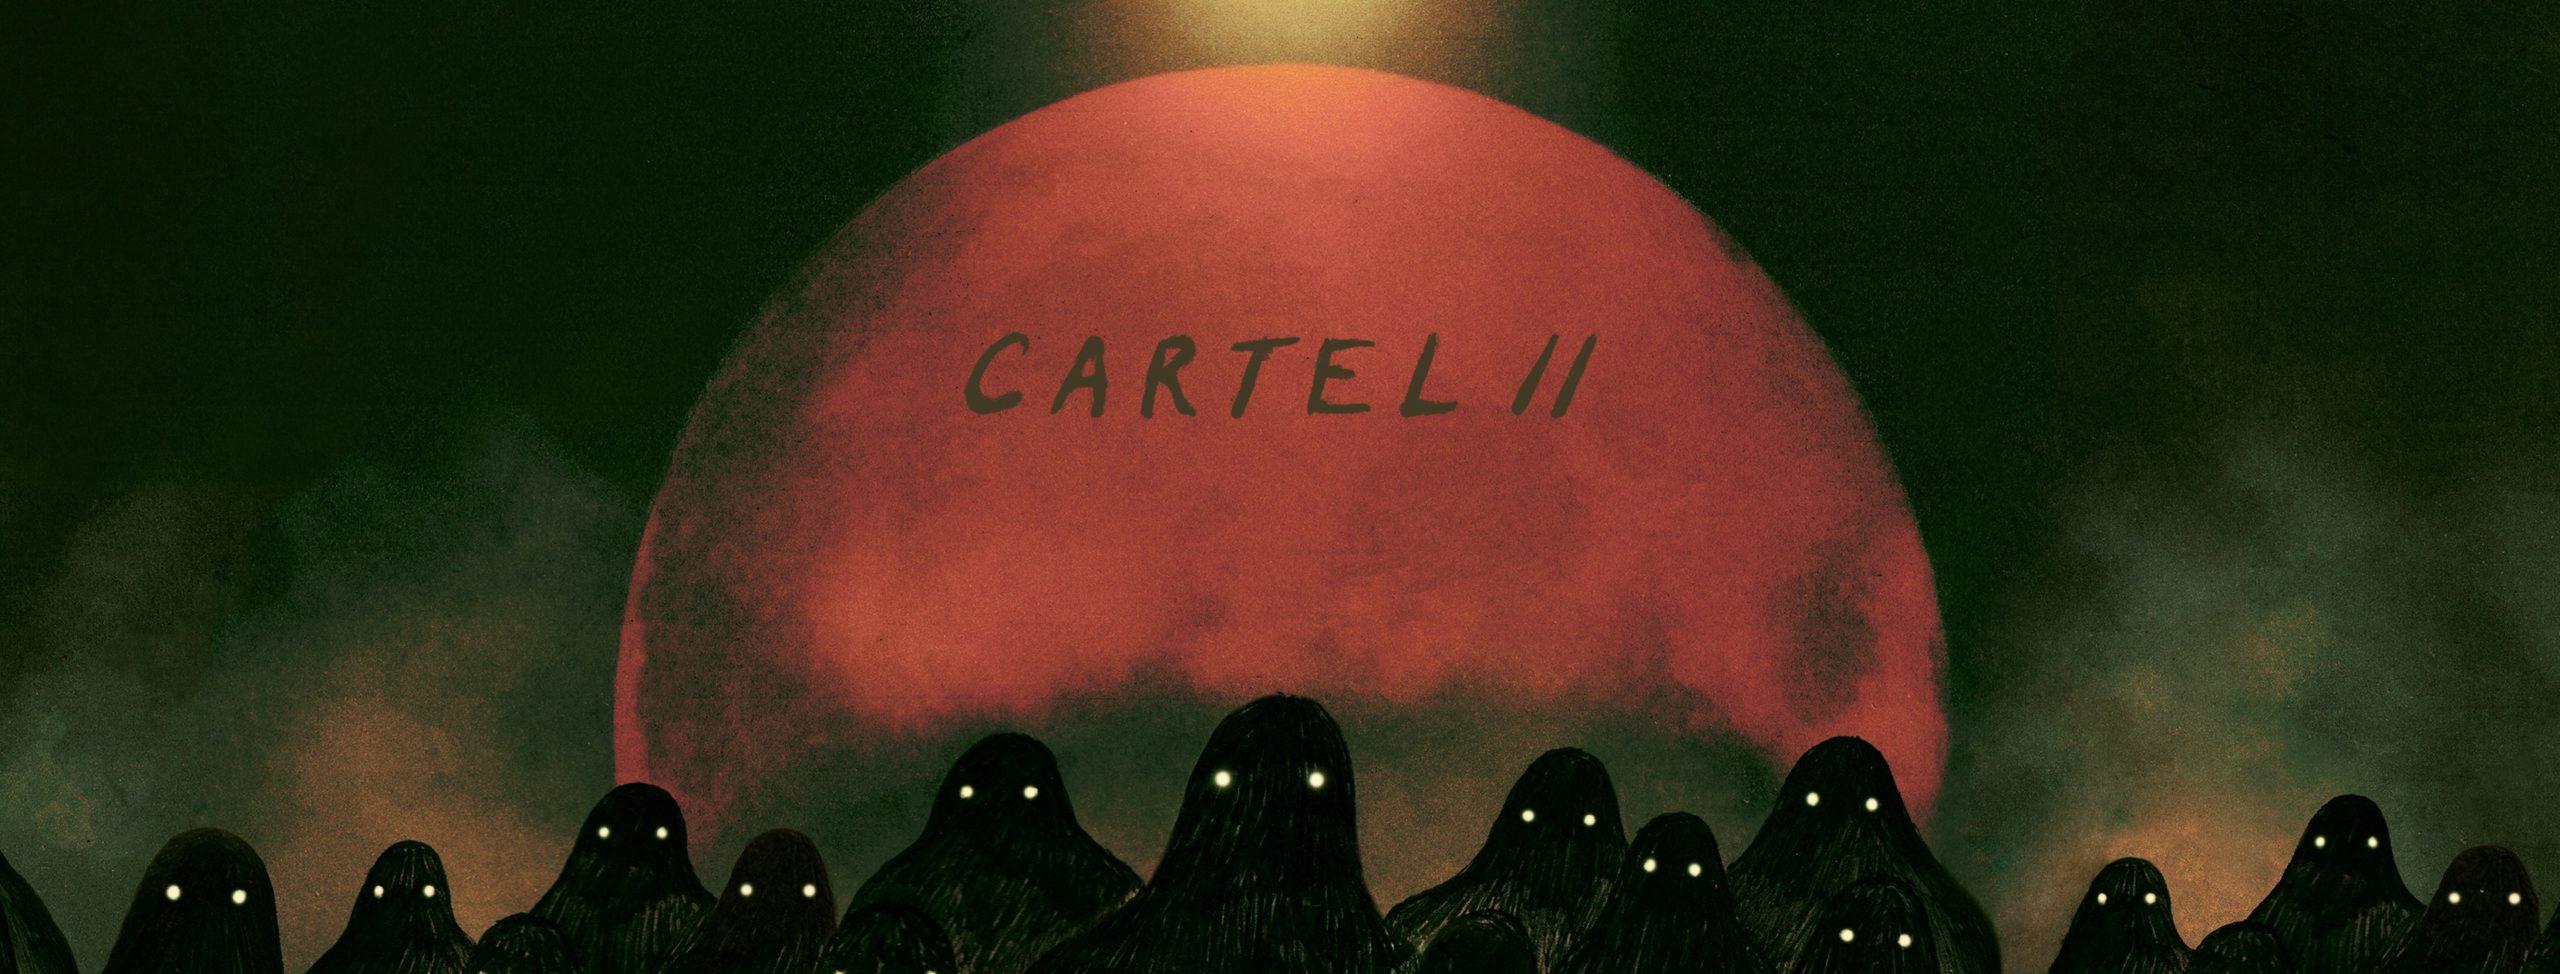 """Image de couverture de son EP """"Cartel II"""""""